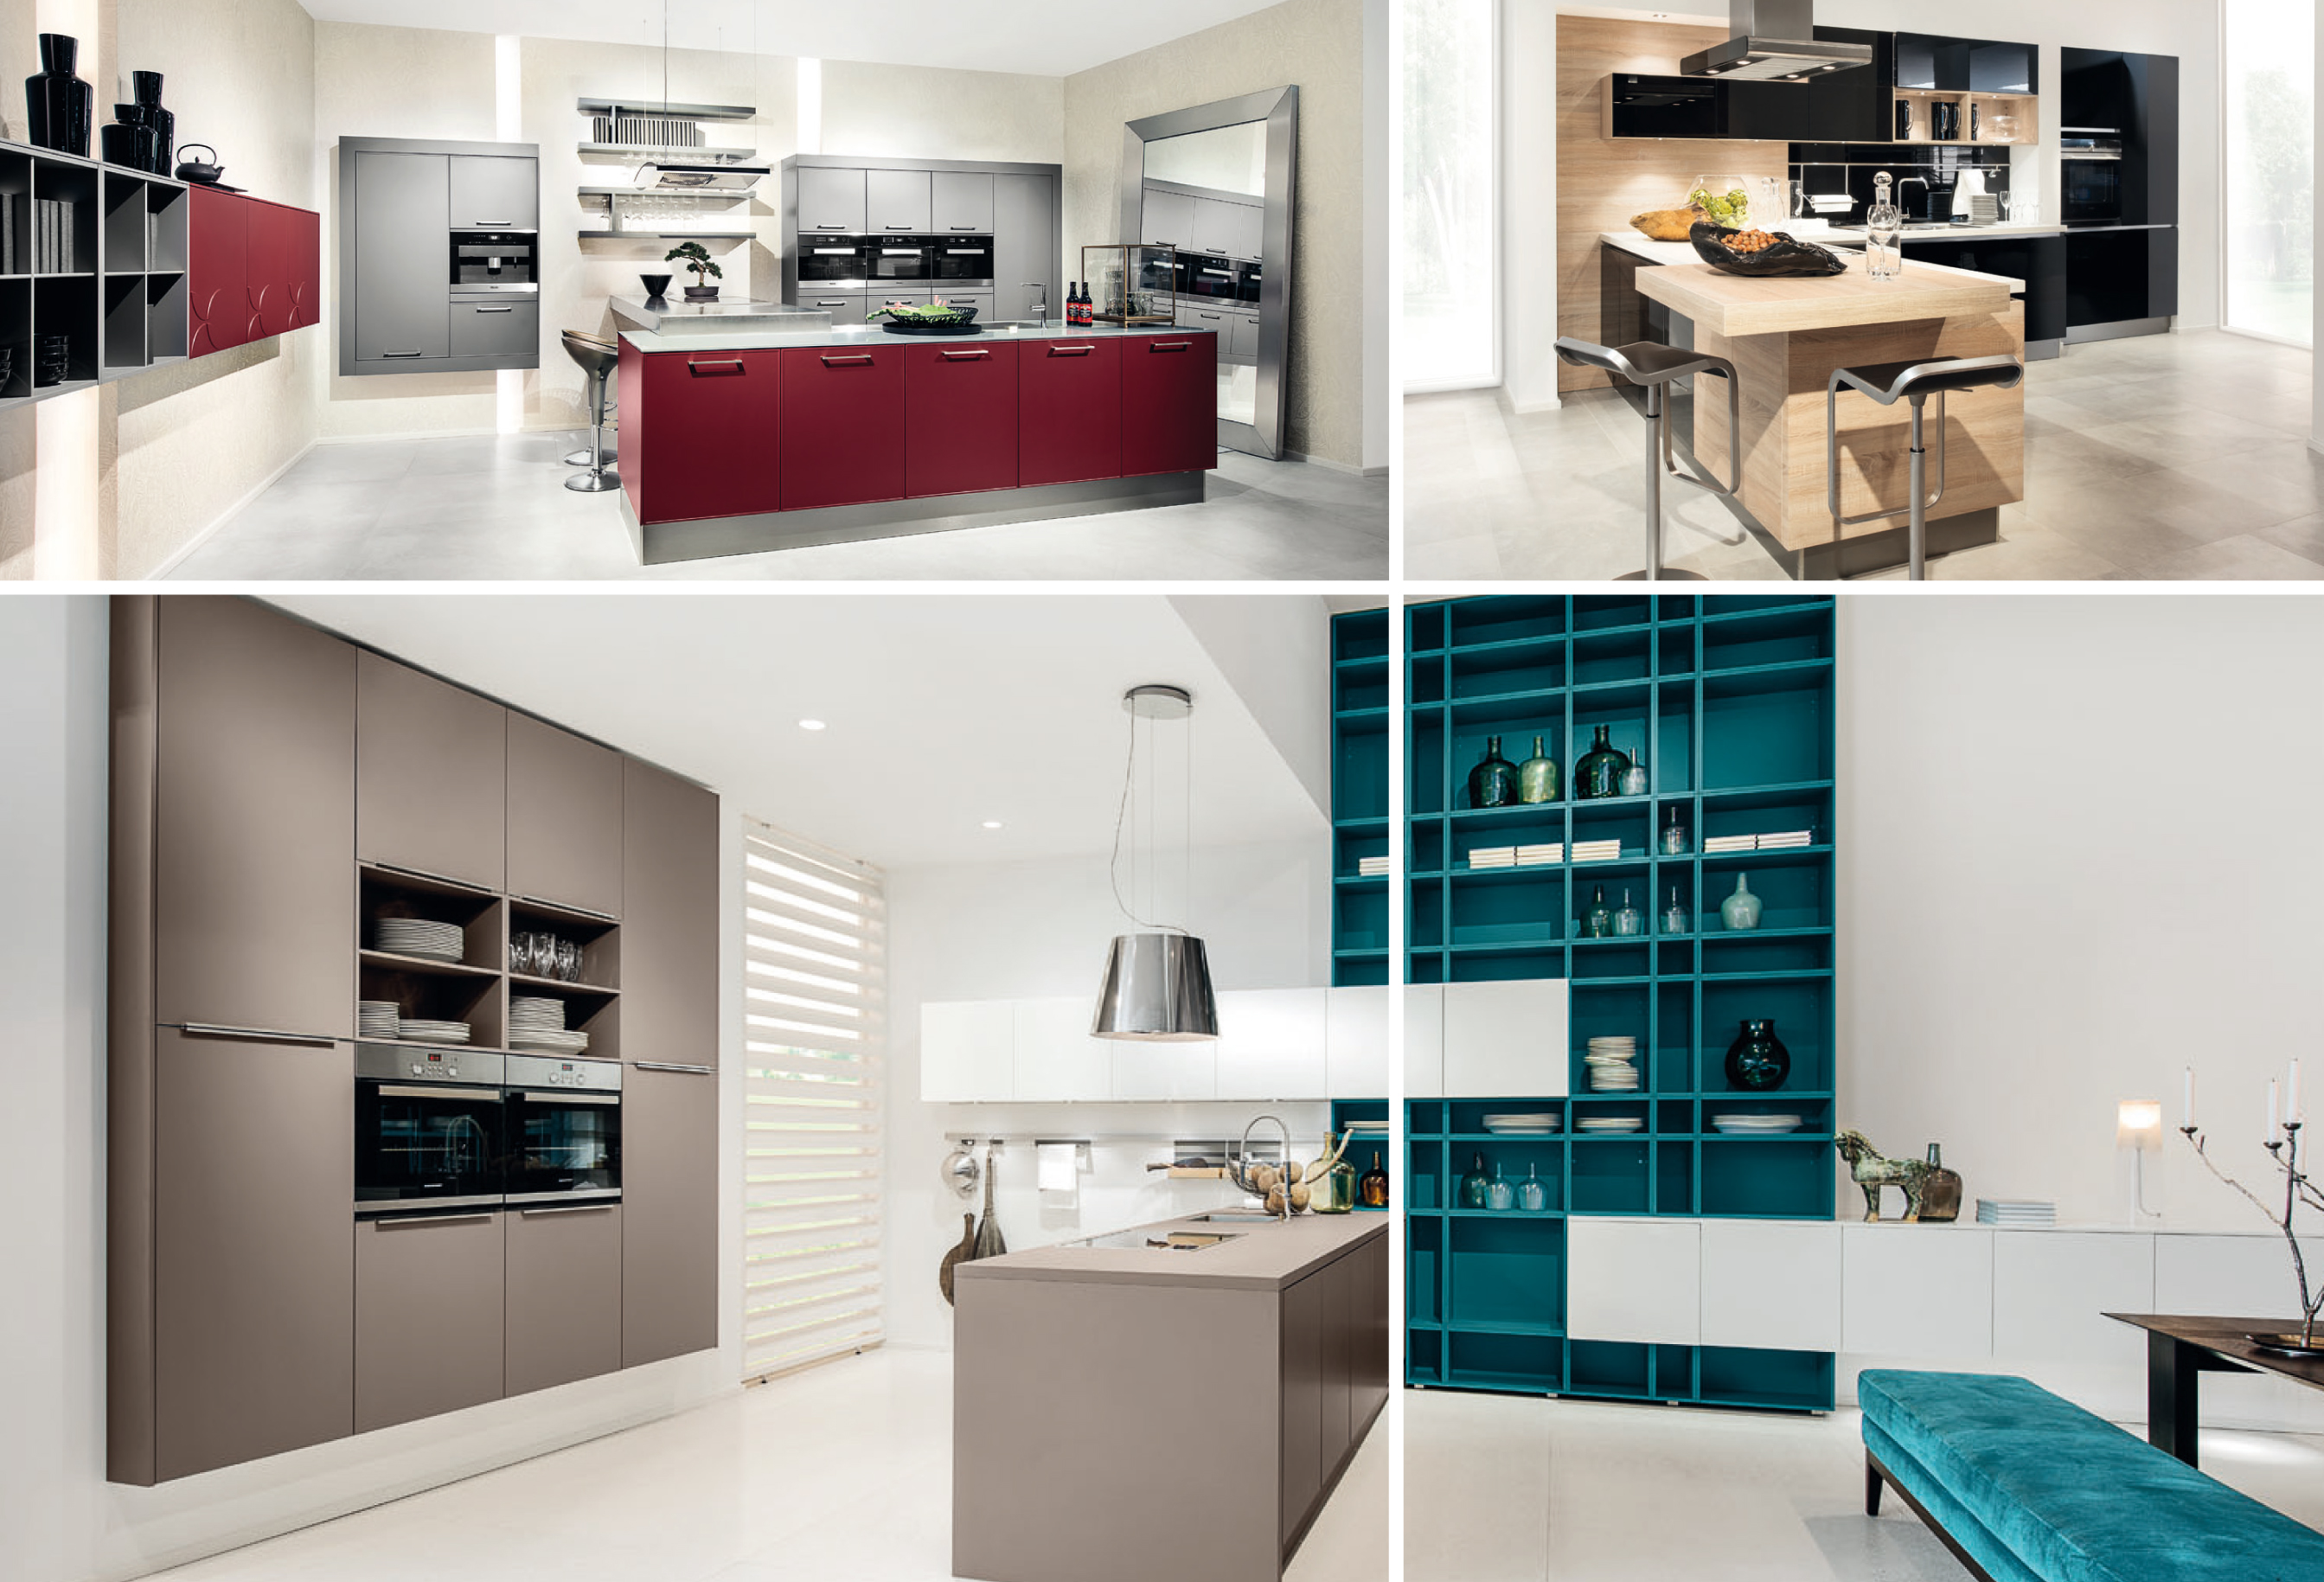 Formido keuken formido keukens keukenbrochures aanvragen en keukenervaringen lezen - Keuken modellen ...